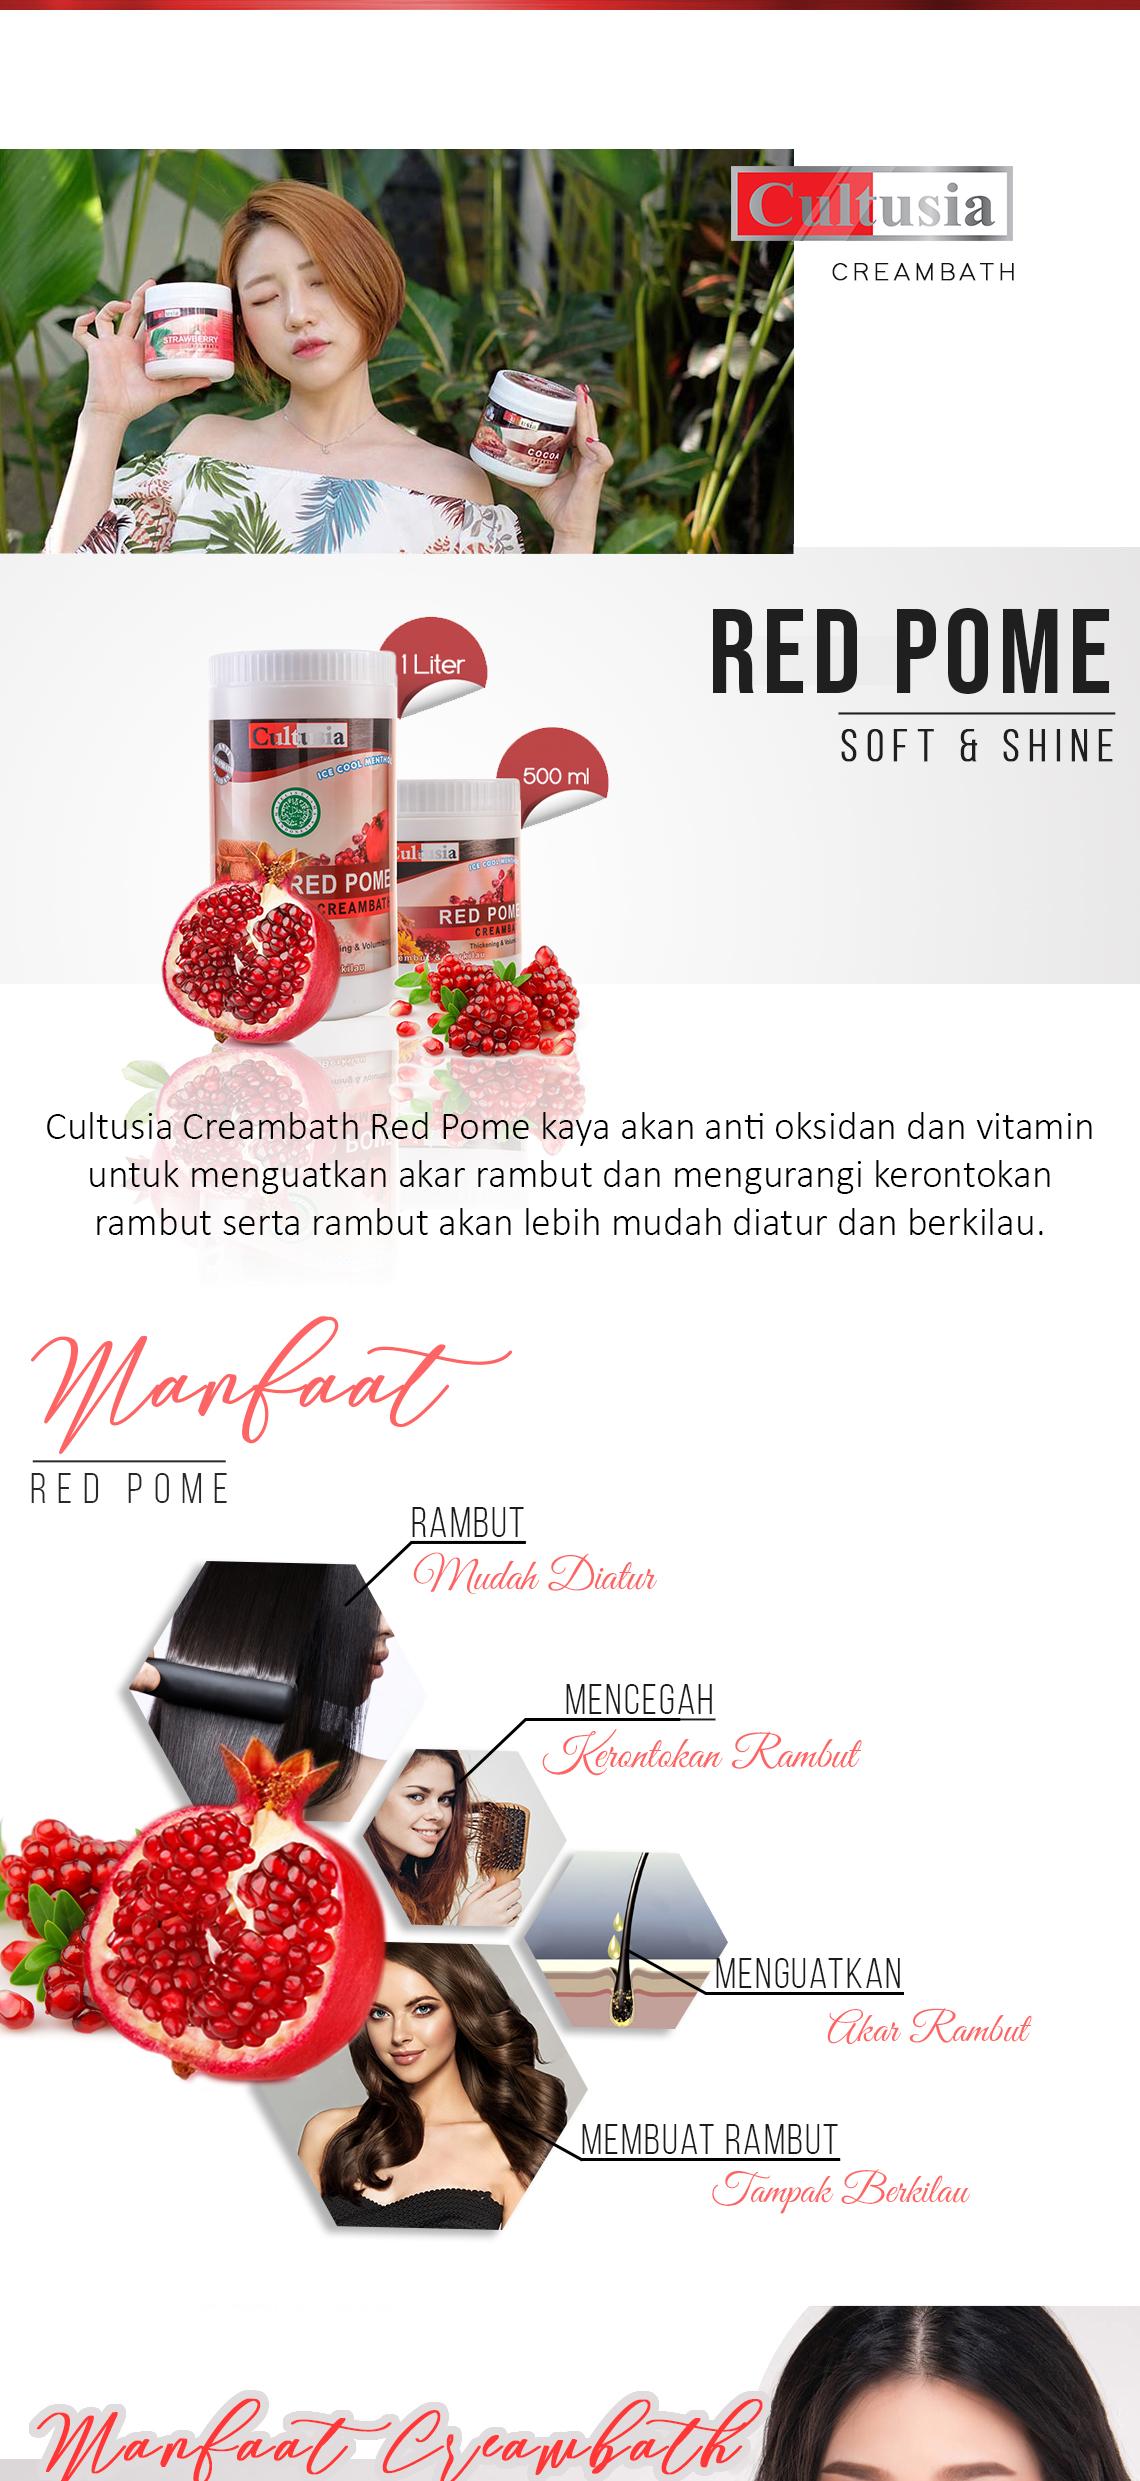 Cultusia Creambath Red Pome 1000ml Lazada Indonesia